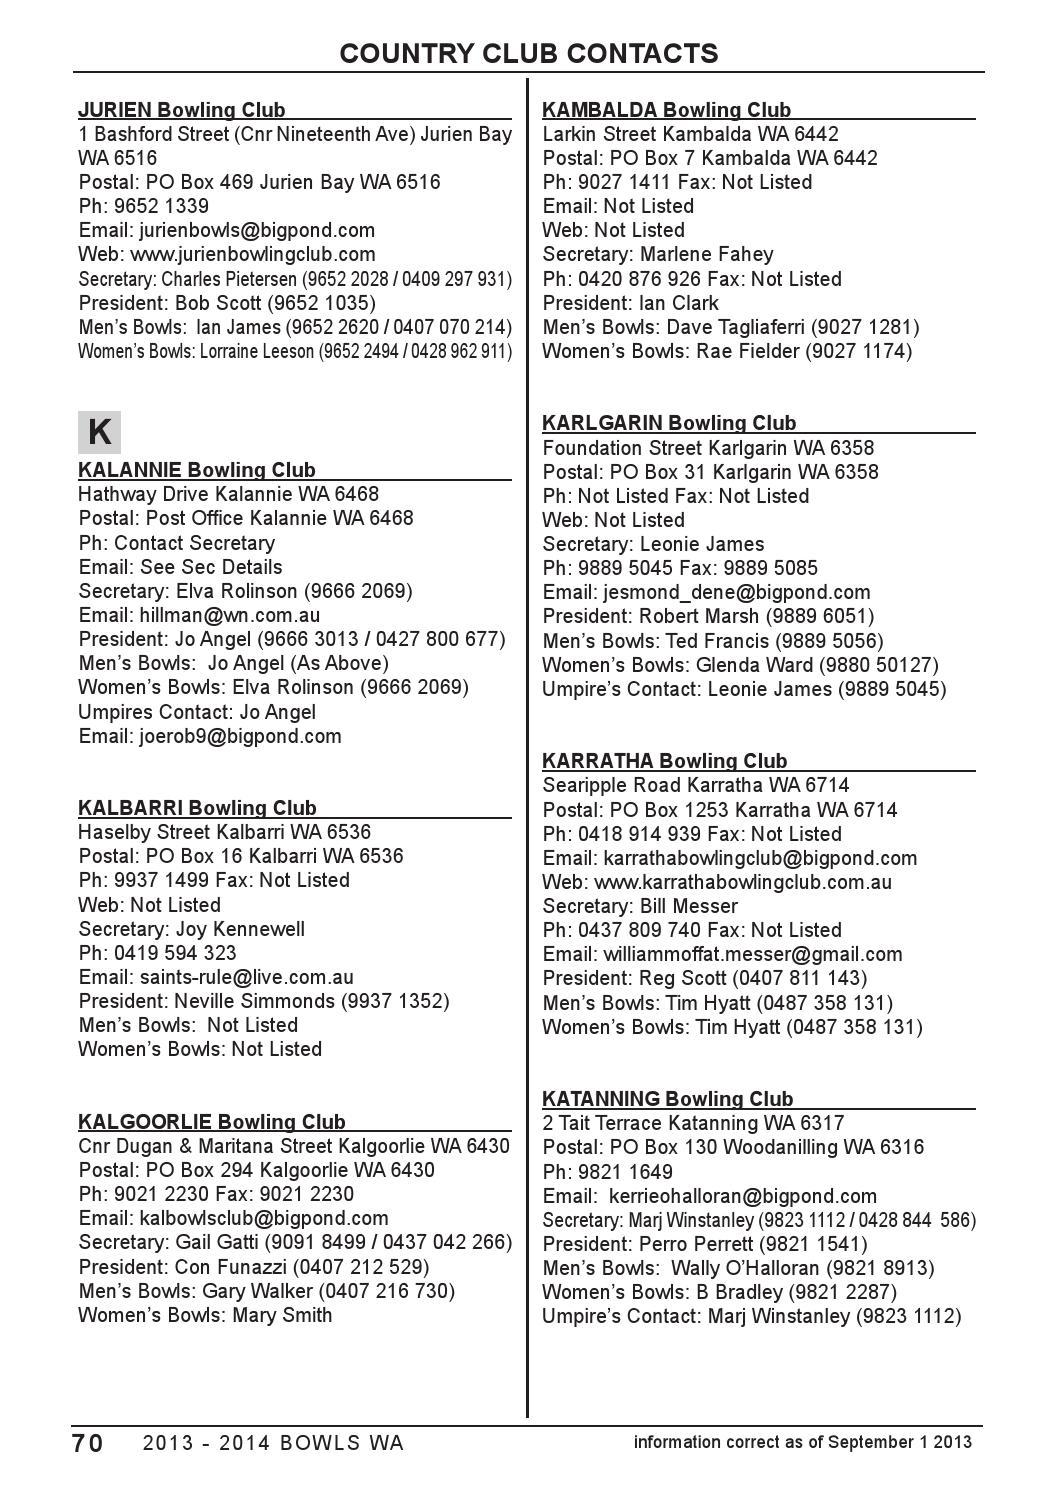 Bowls WA Handbook 2013 2014 by Bowls WA - issuu